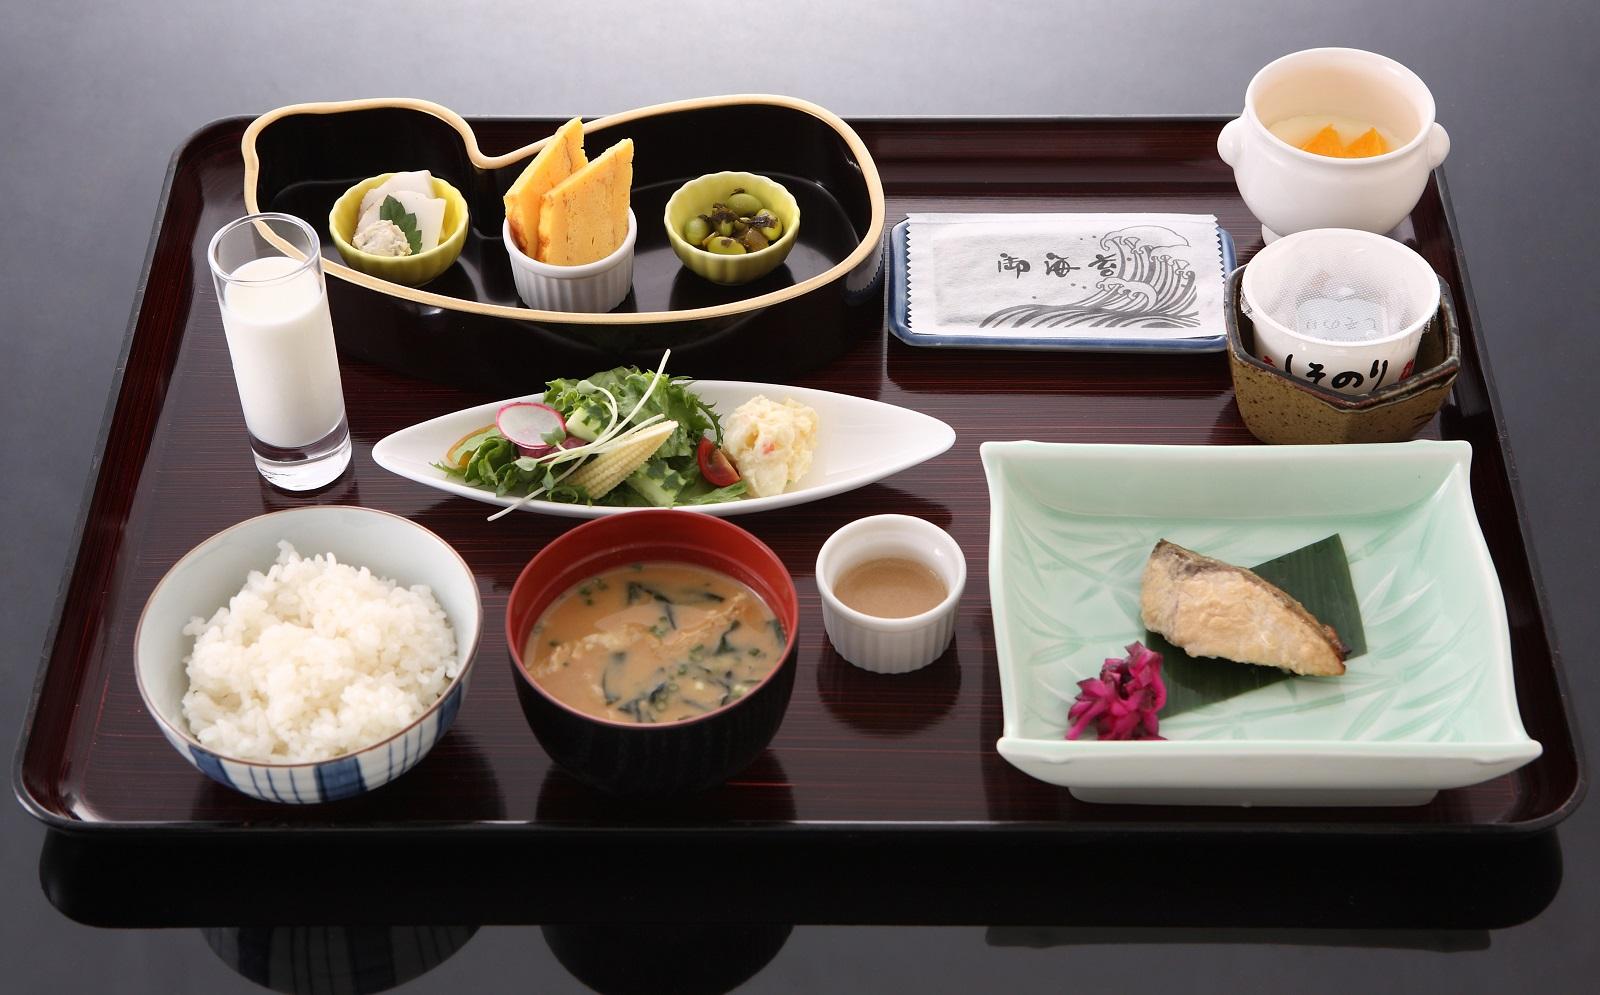 リーズナブルに横浜を満喫!1泊朝食付きプラン